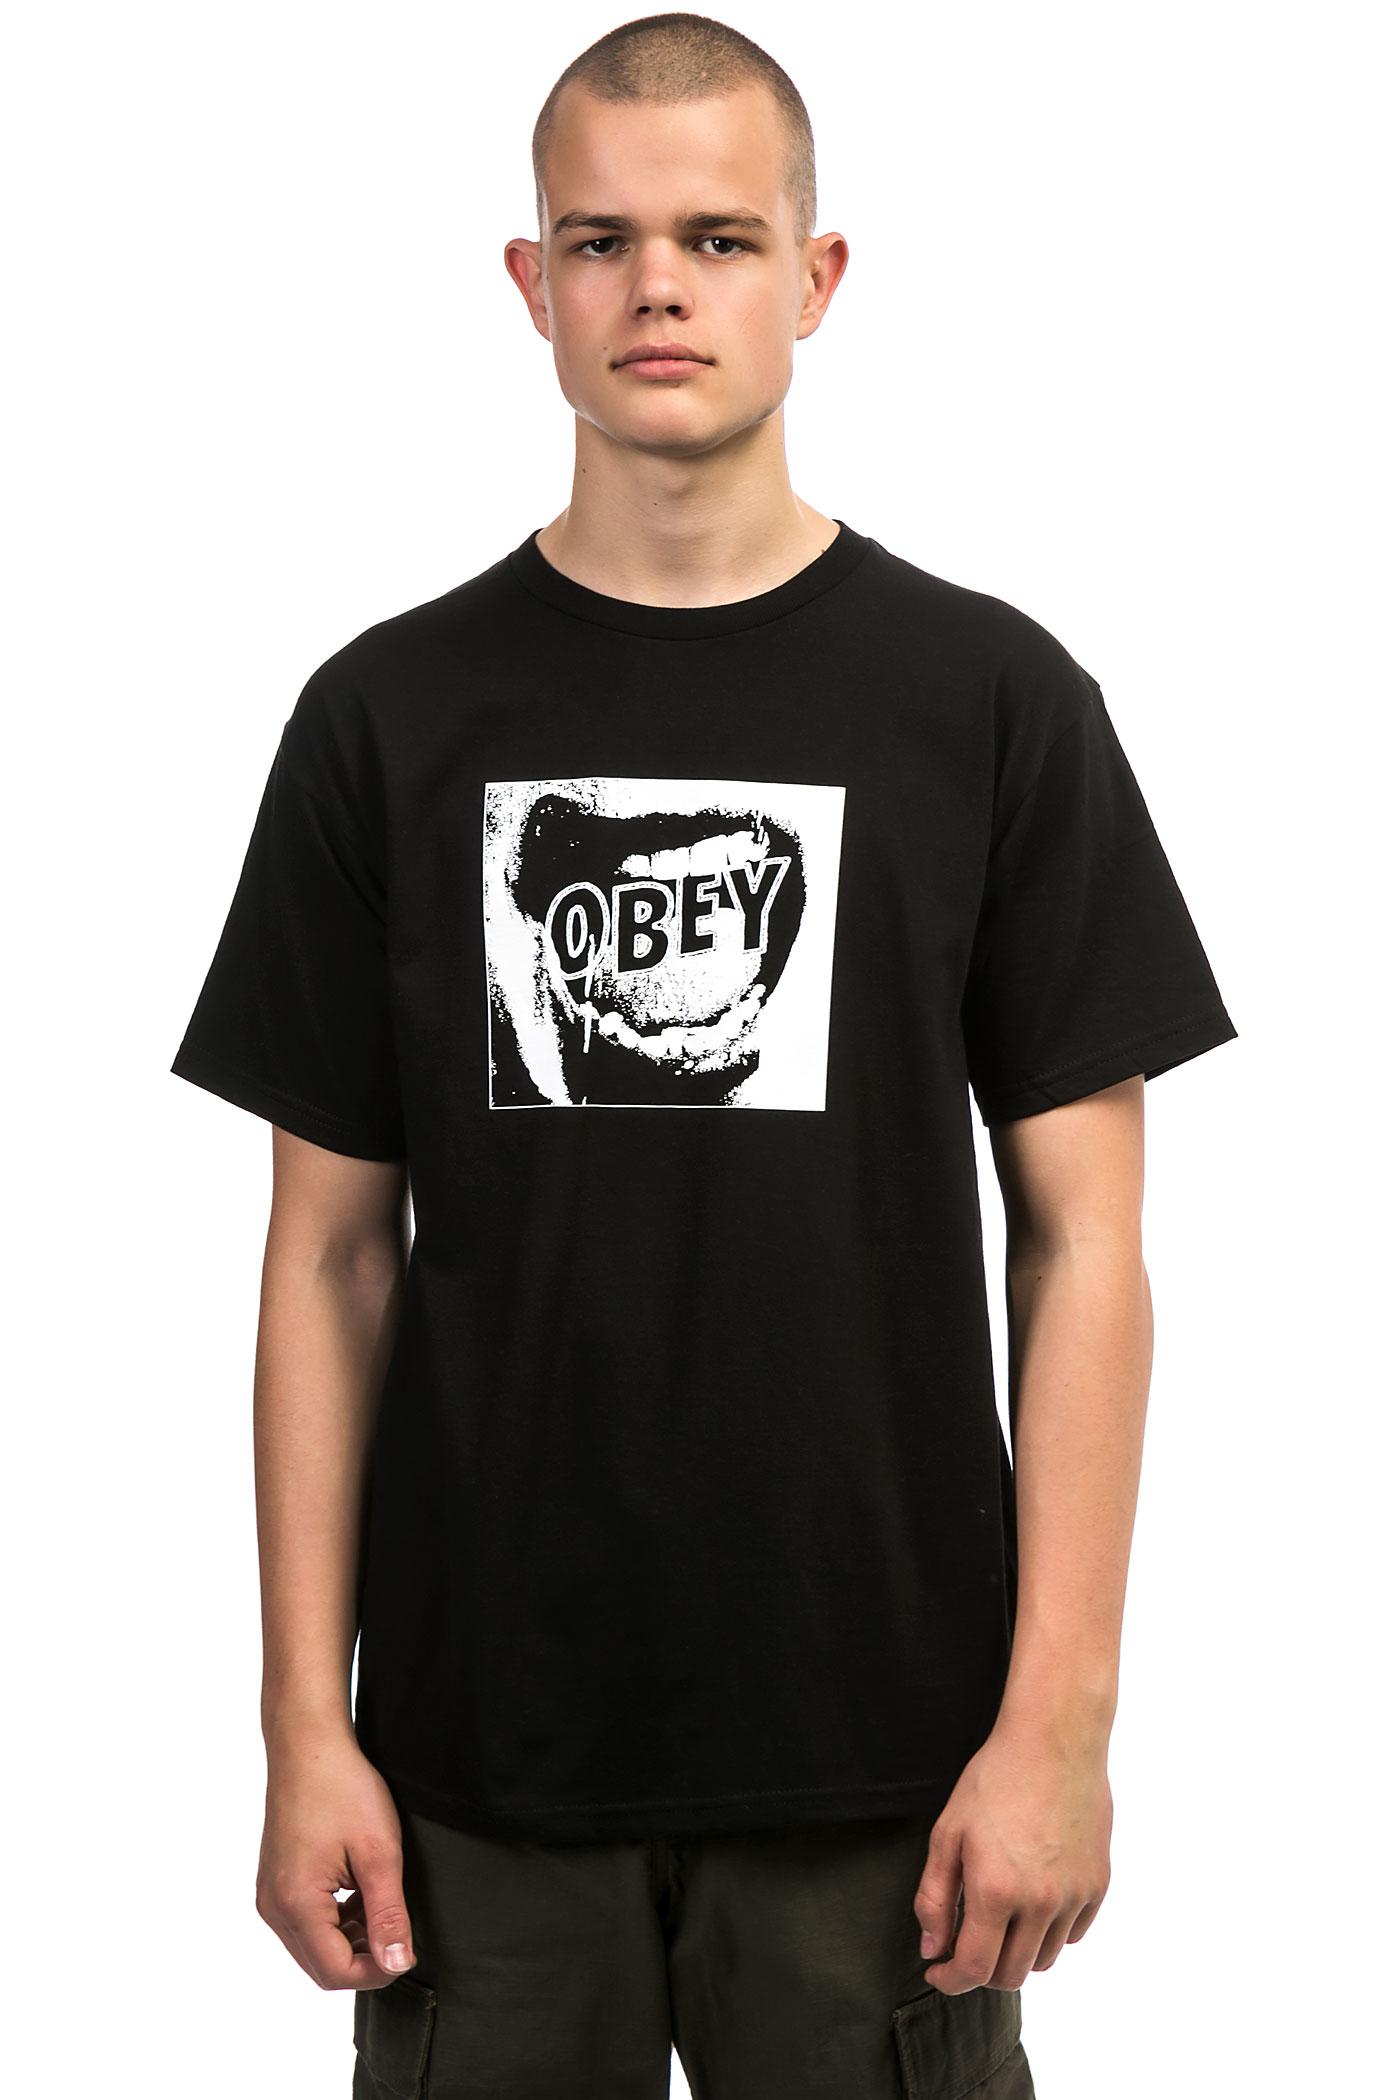 obey screamer t shirt black buy at skatedeluxe. Black Bedroom Furniture Sets. Home Design Ideas